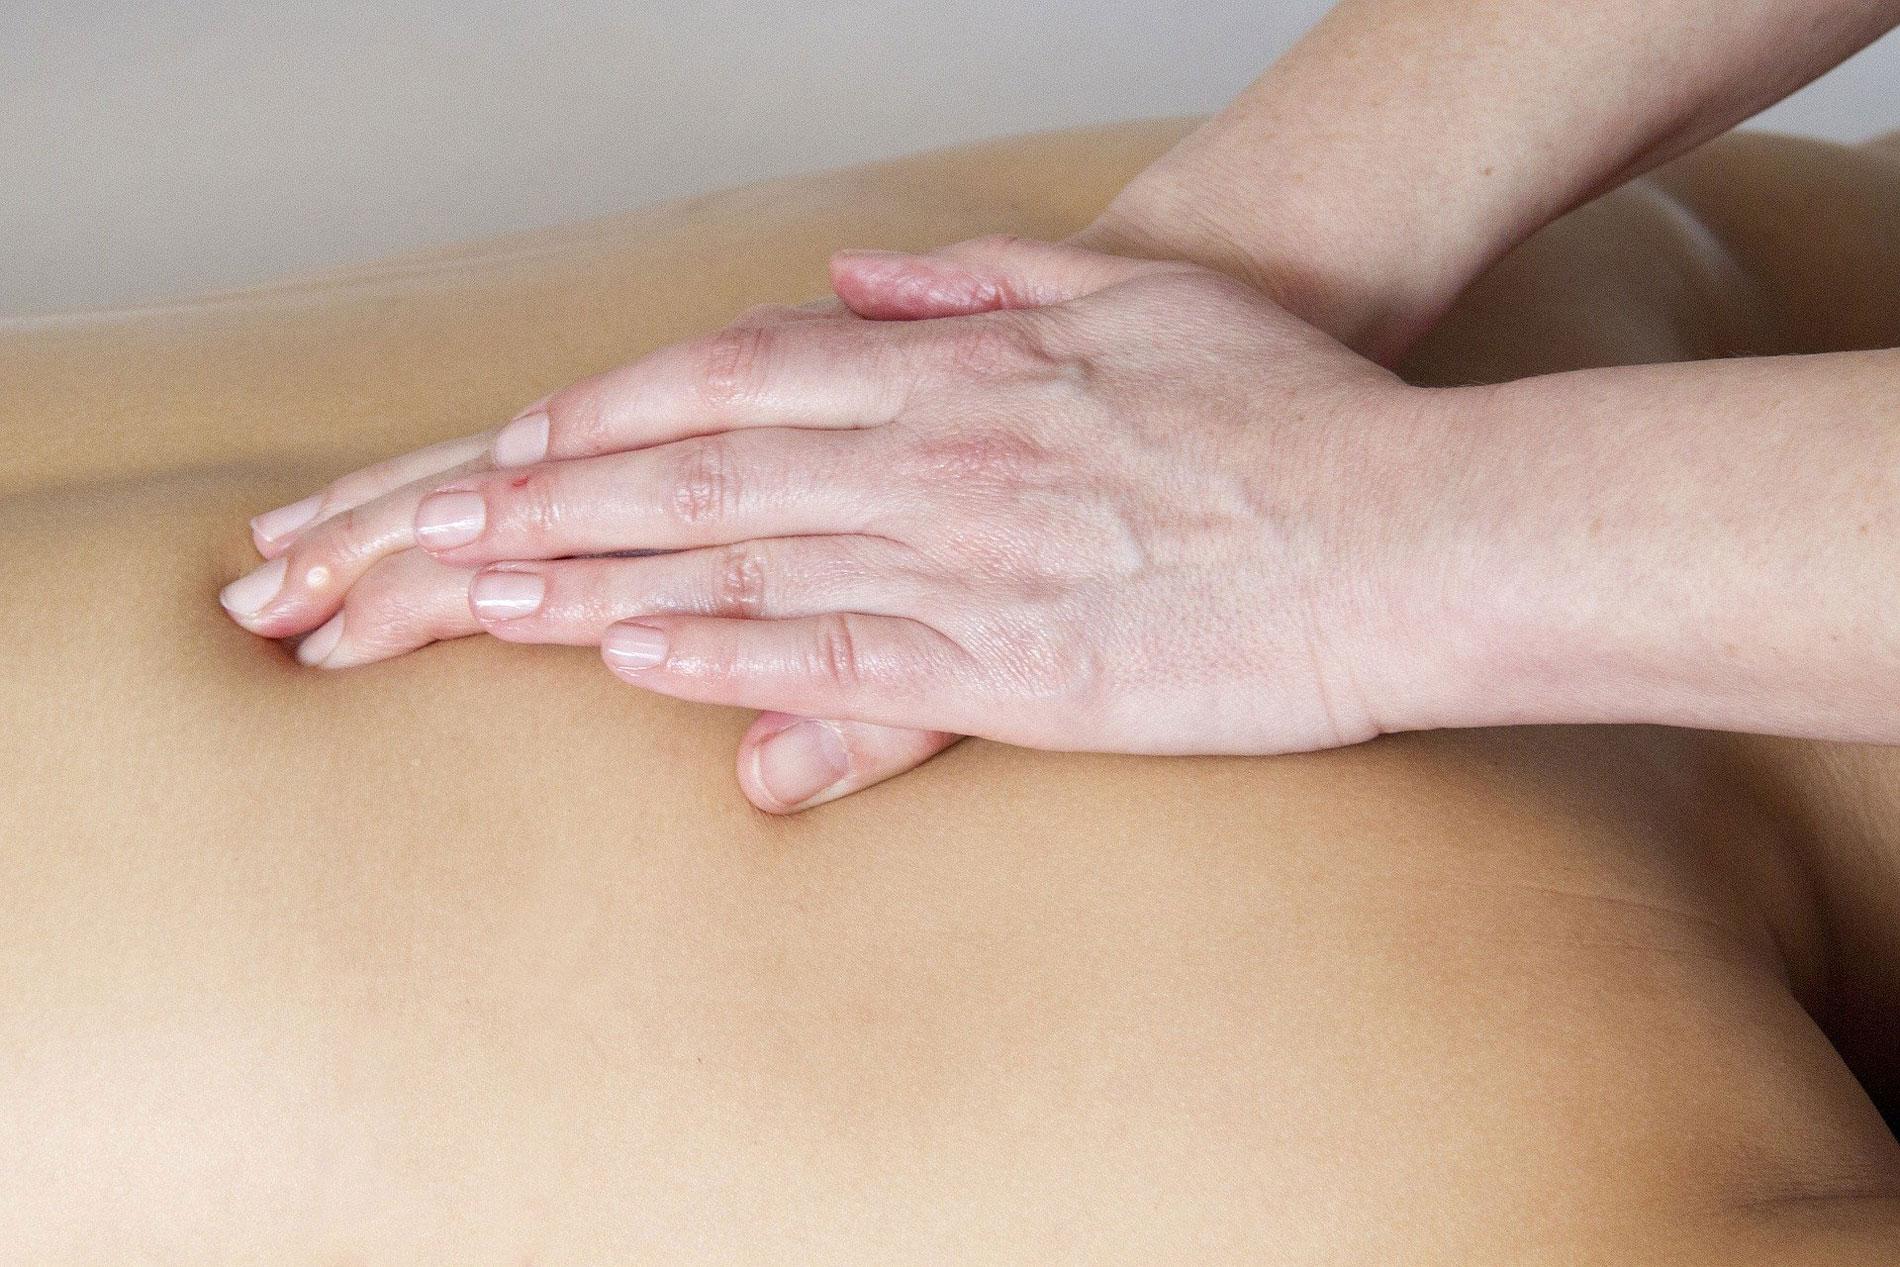 les-sens-de-nelumbo-massage-dos